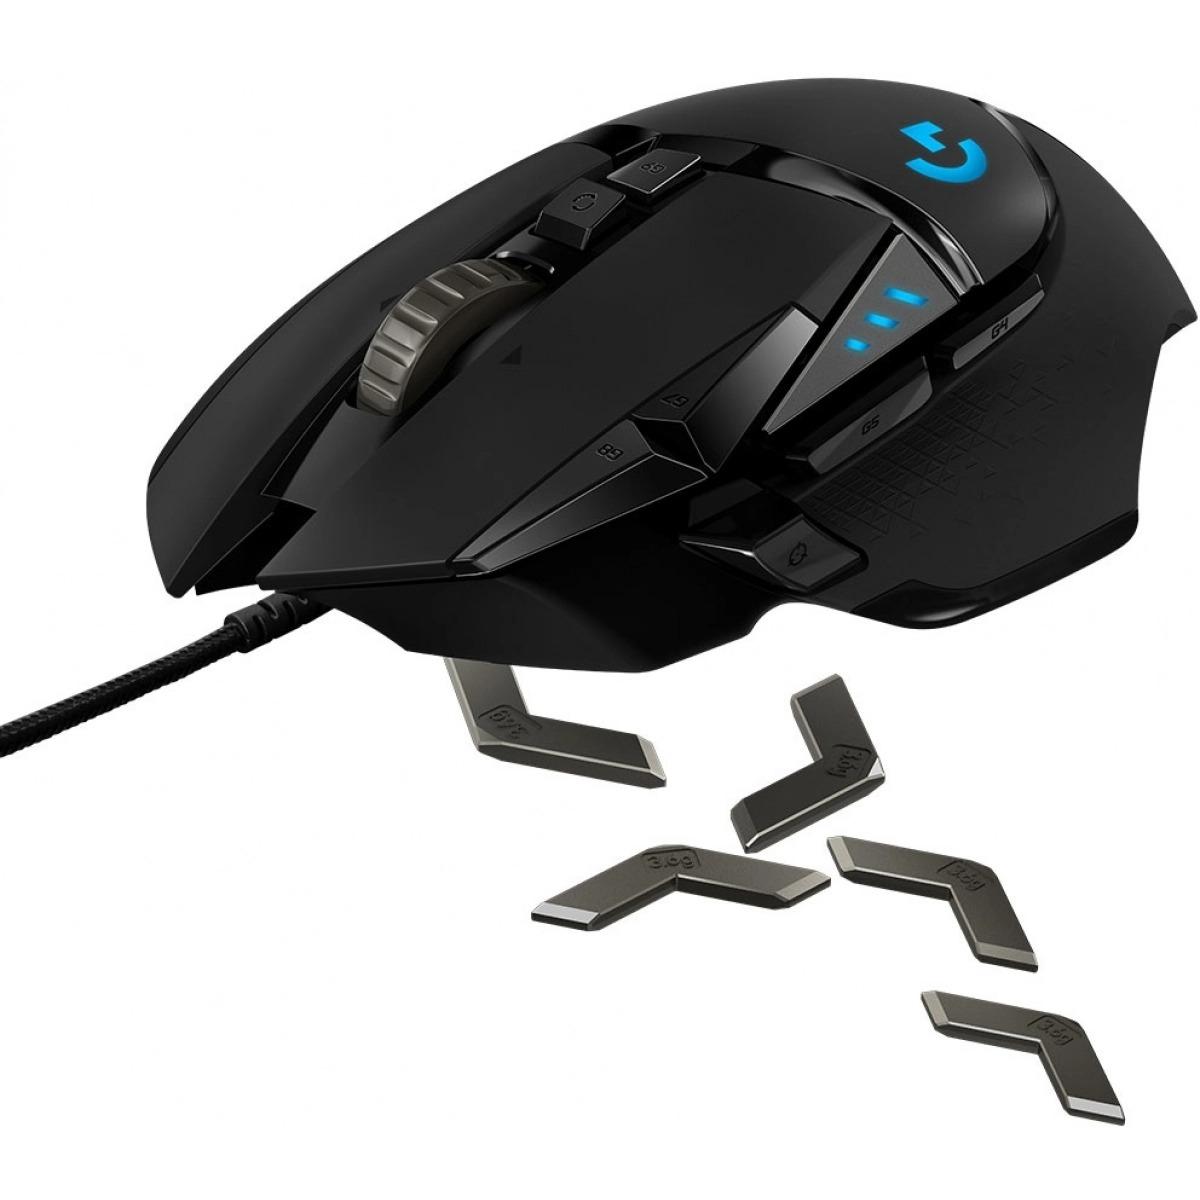 Mouse Gamer Logitech Hero G502, RGB, 11 Botões, 16000 DPI, Ajuste de Peso, Black, 910-005550